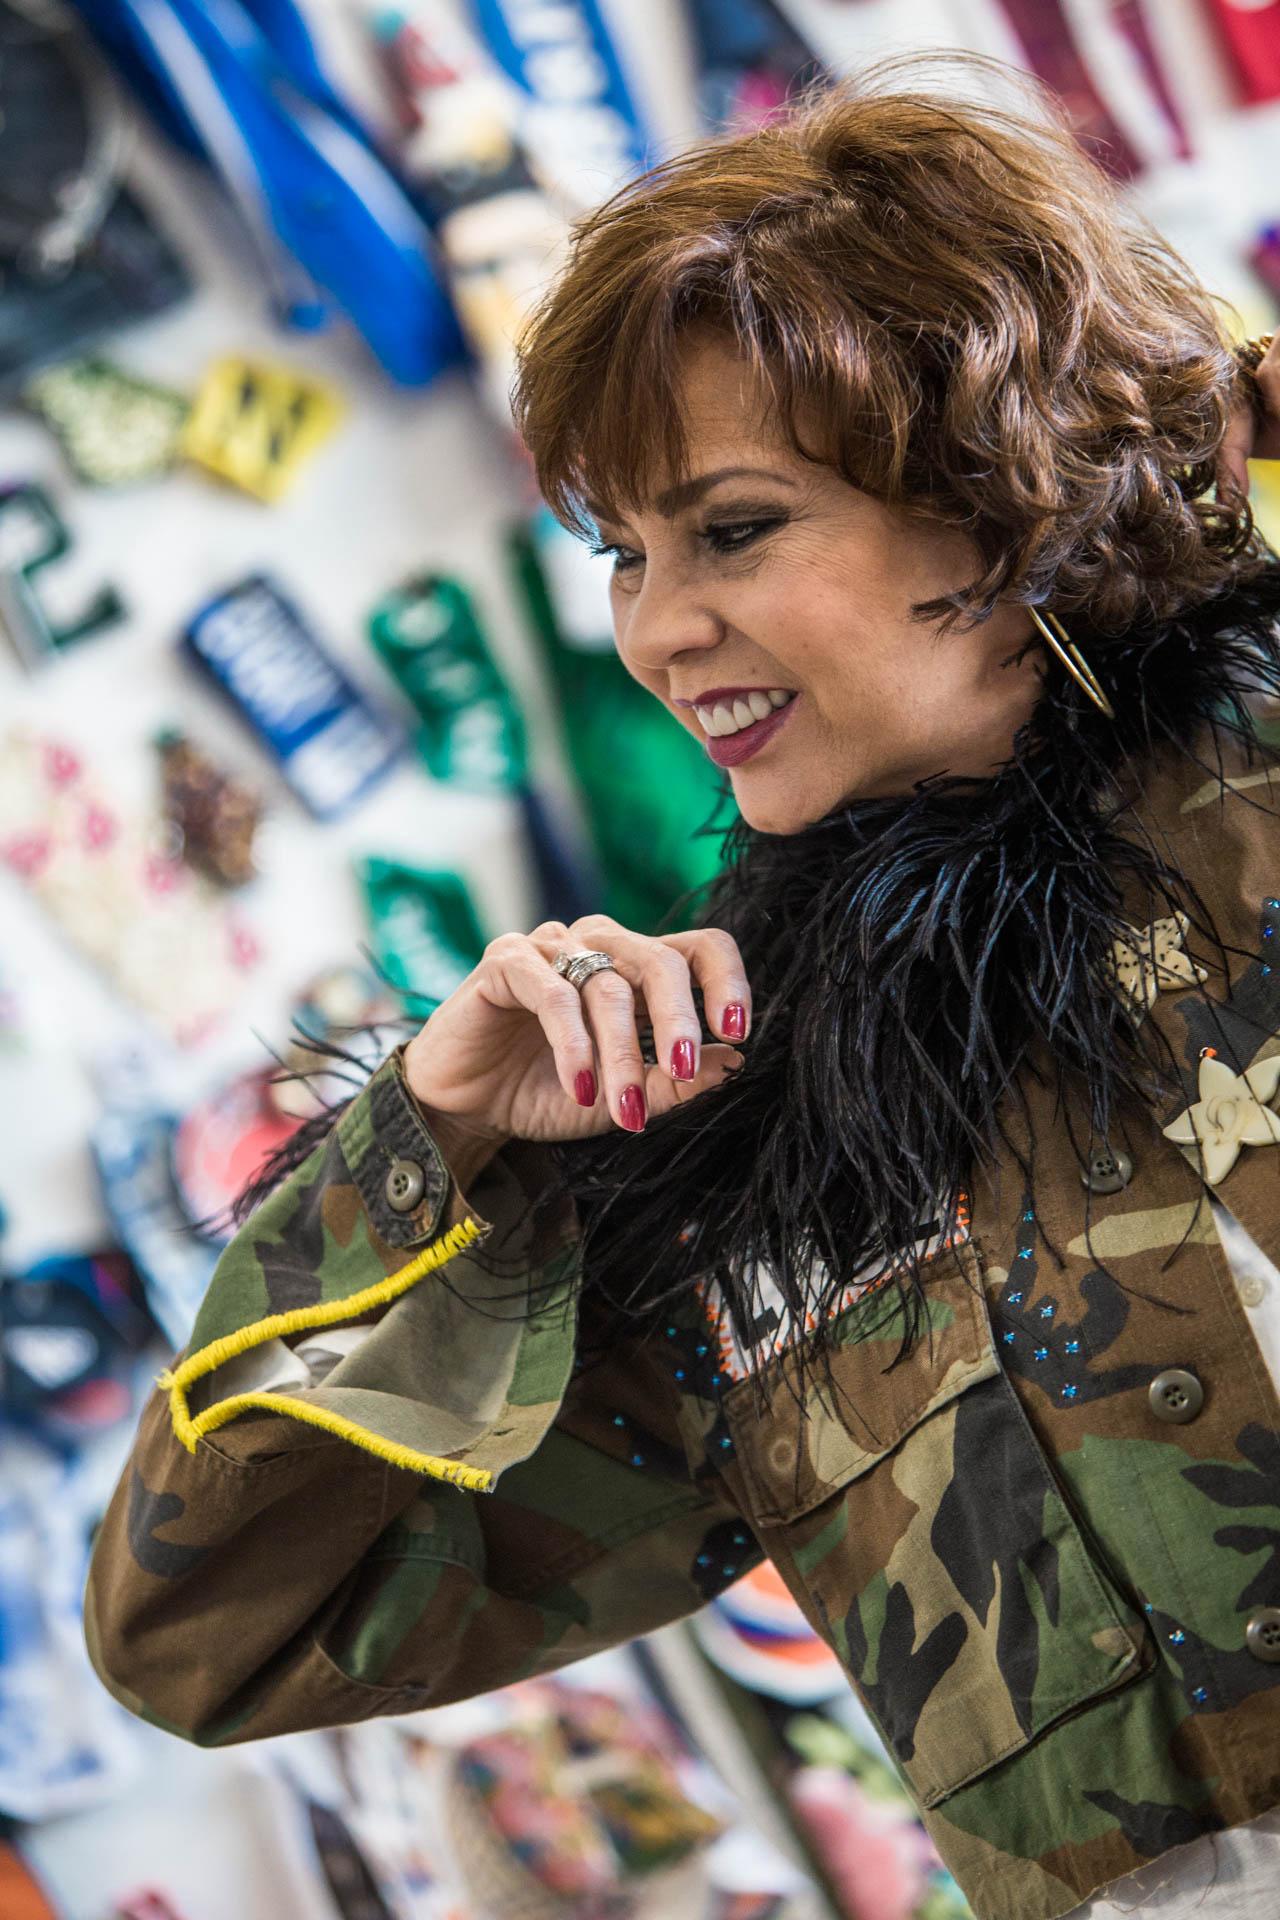 miami-blogger-chuky-reyna-wearing-claudia-gontovnik-upcycled-camo-jacket